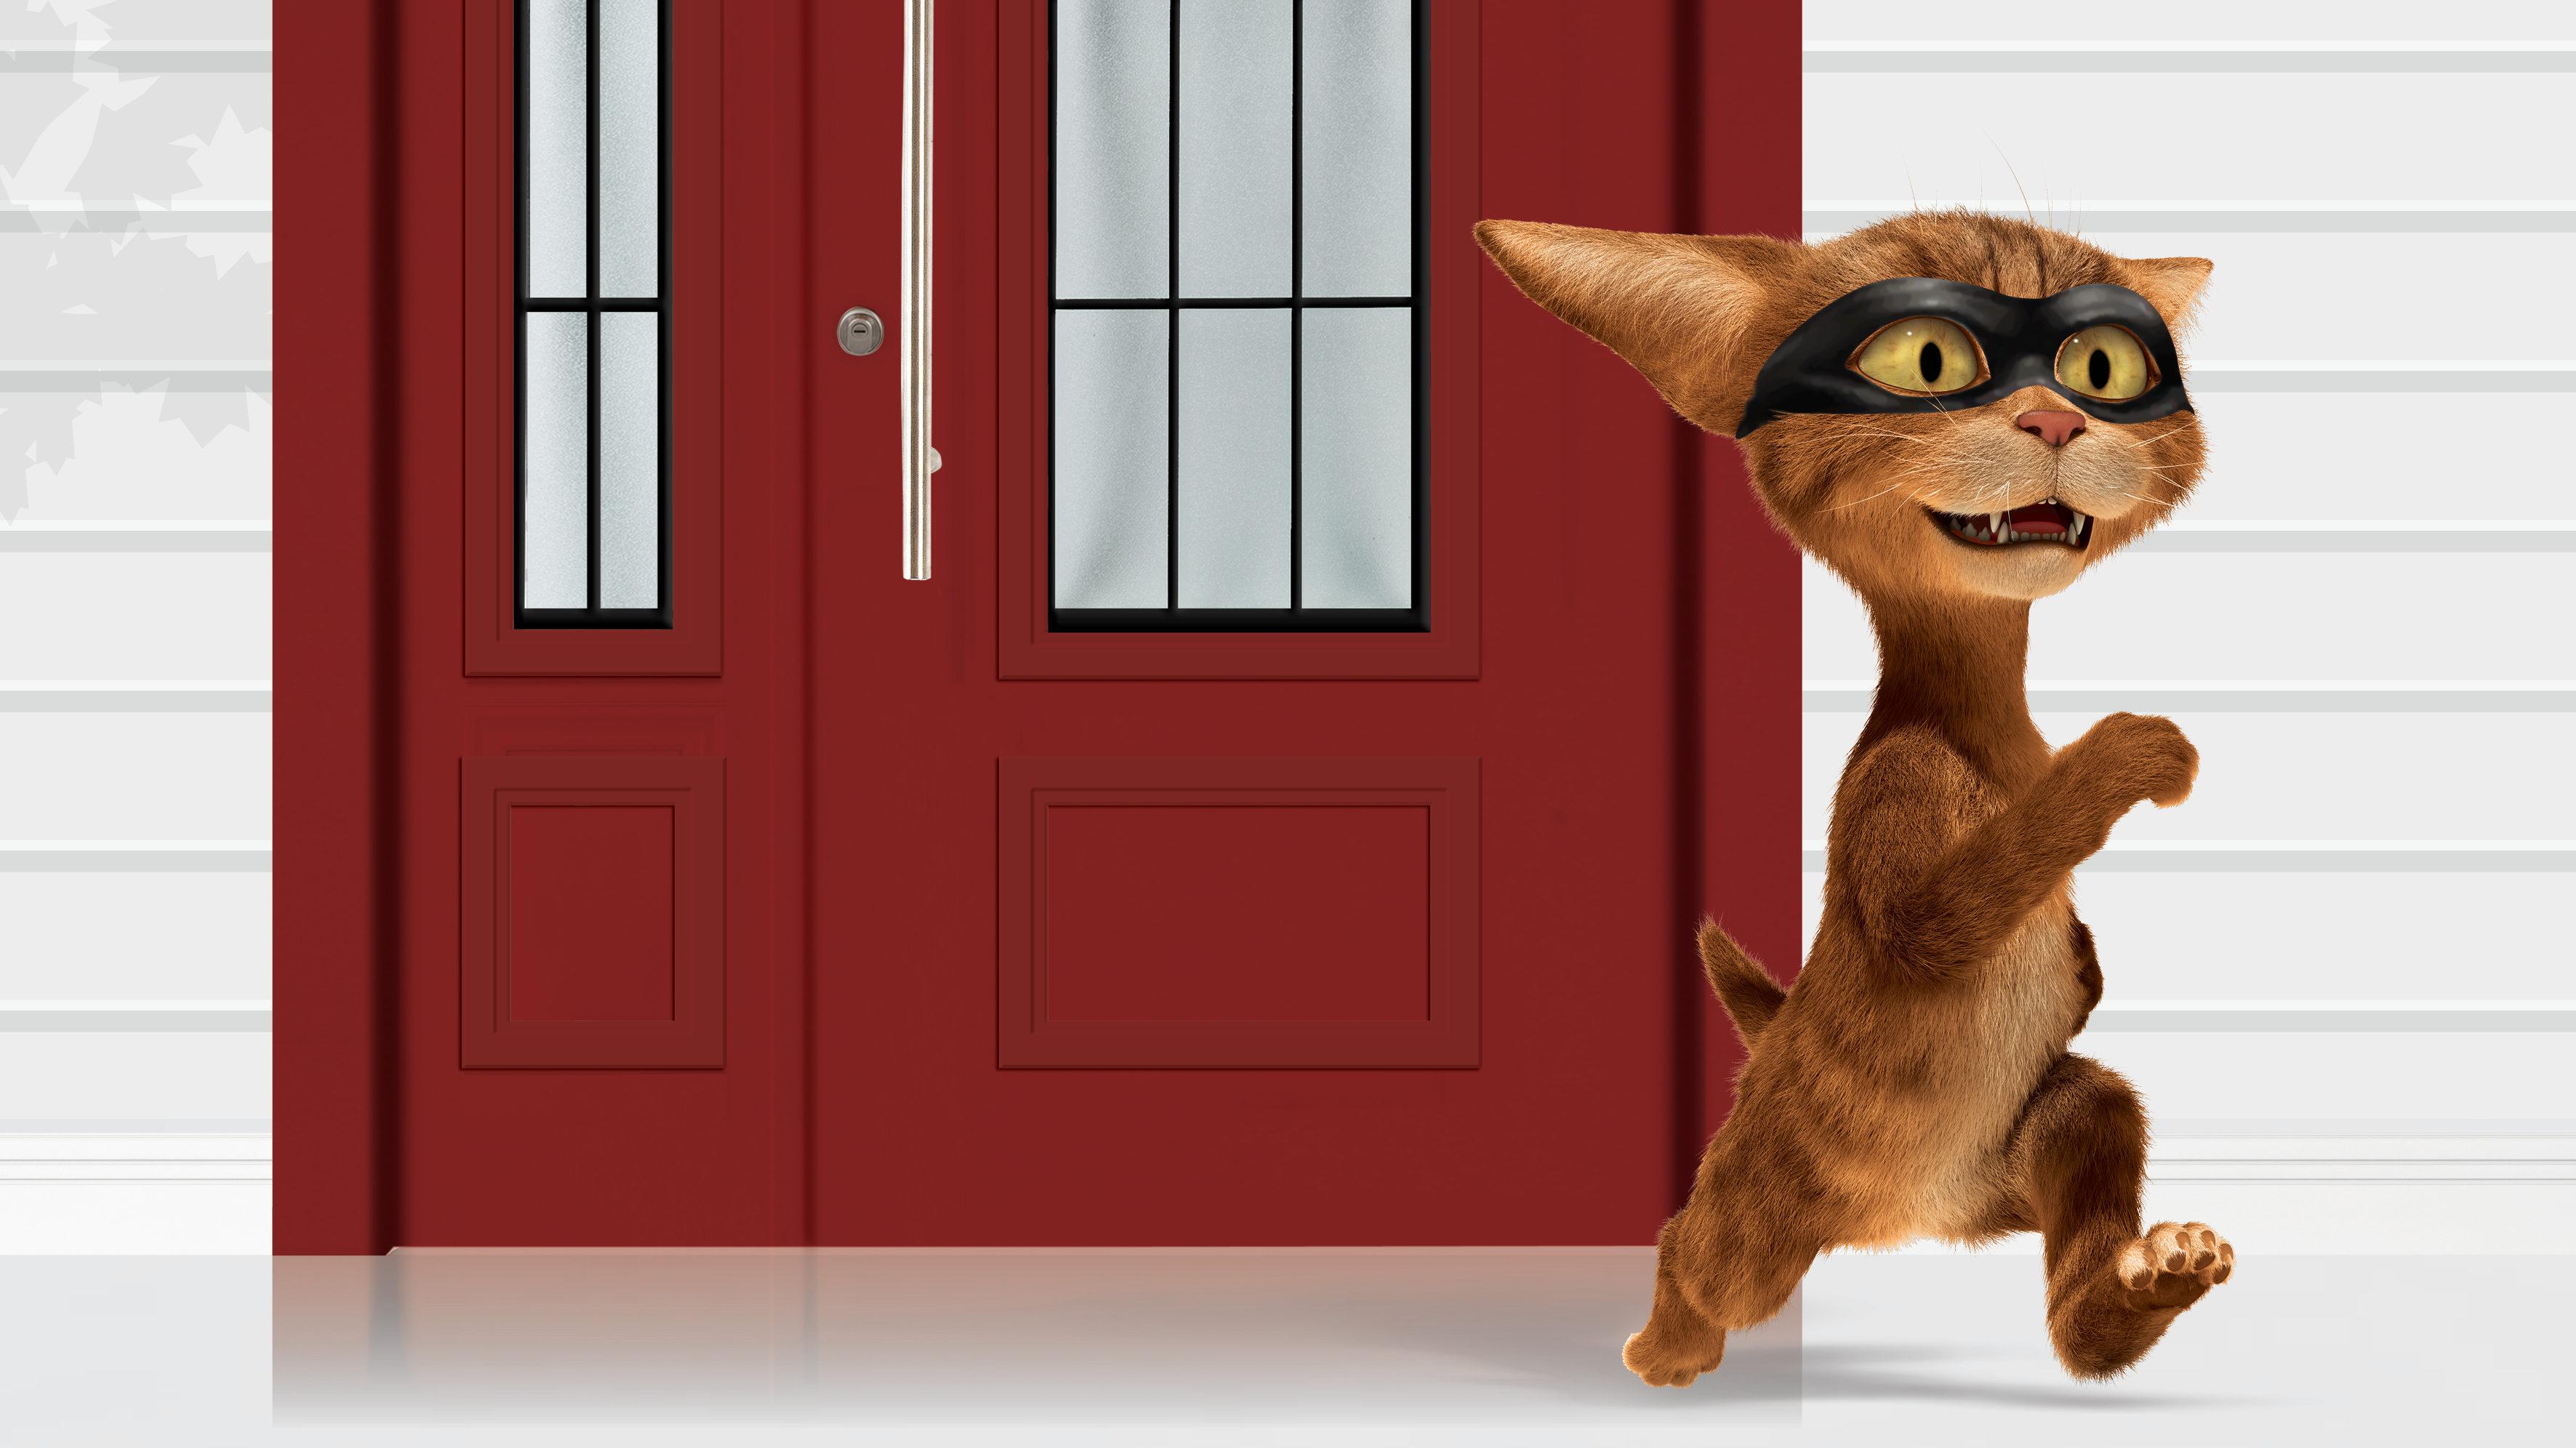 שריונית חסם יצאה  בקמפיין פרסומי גדול  בכיכוב החתול הפורץ